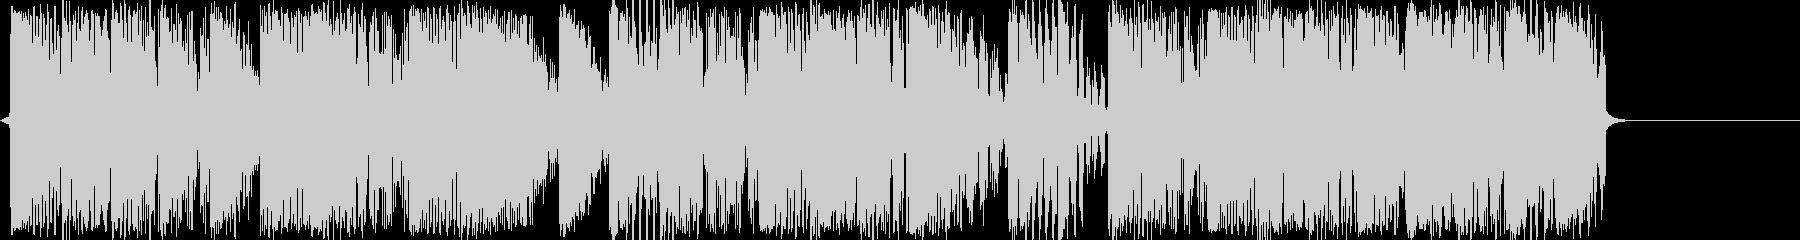 音源作成用のクラブ系ループ音源の未再生の波形